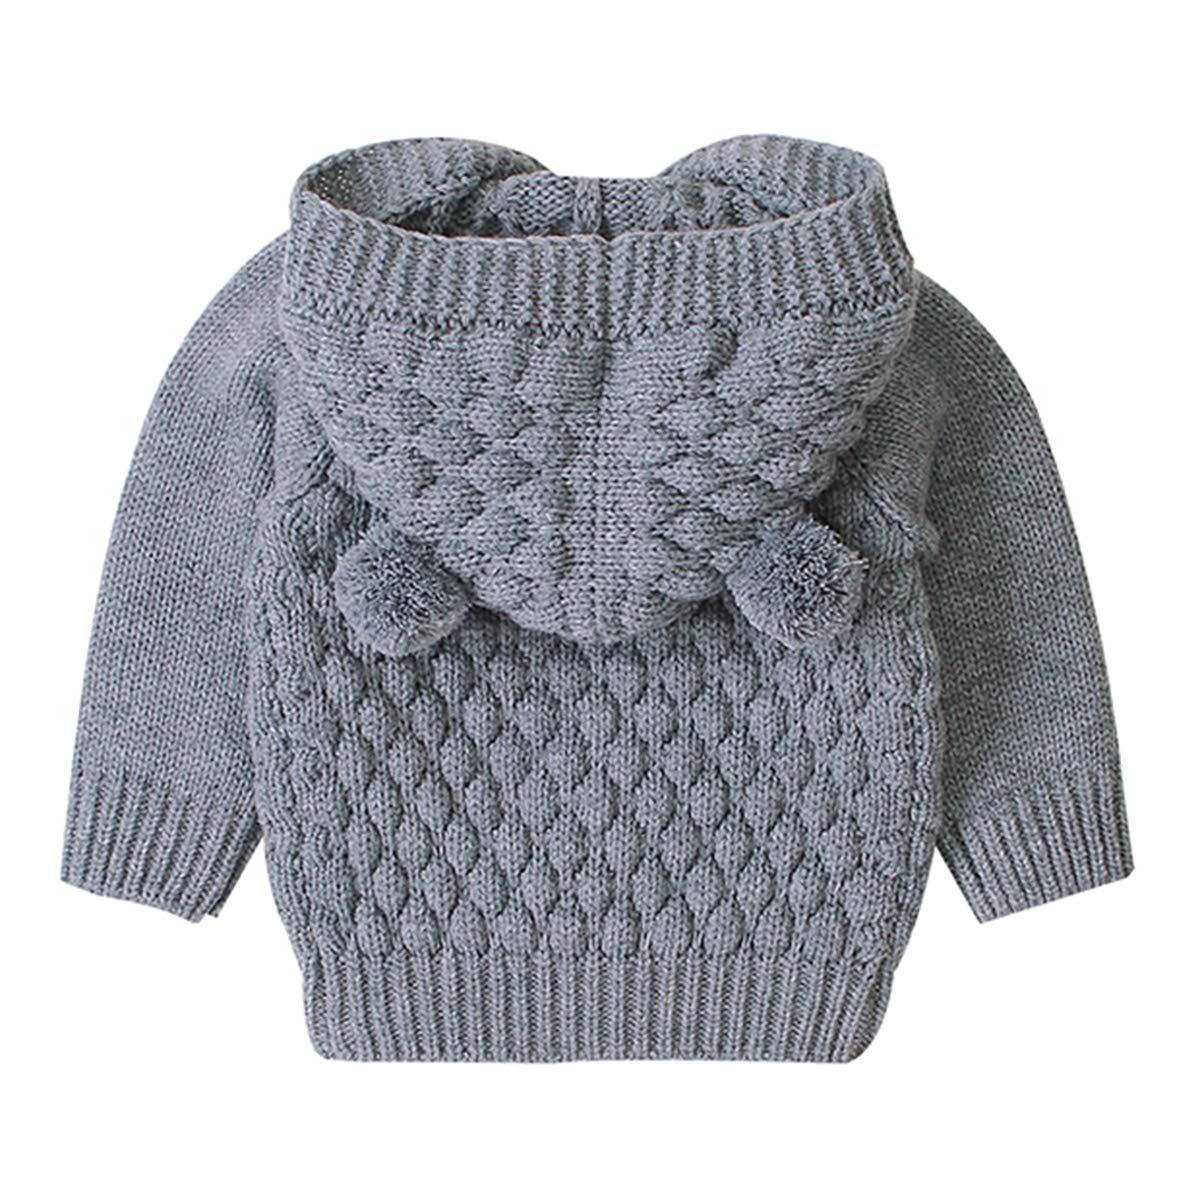 puseky Baby Boys Girls Knit Sweater Hooded Ears Warm Cardigan Coat Tops Jacket Outwear